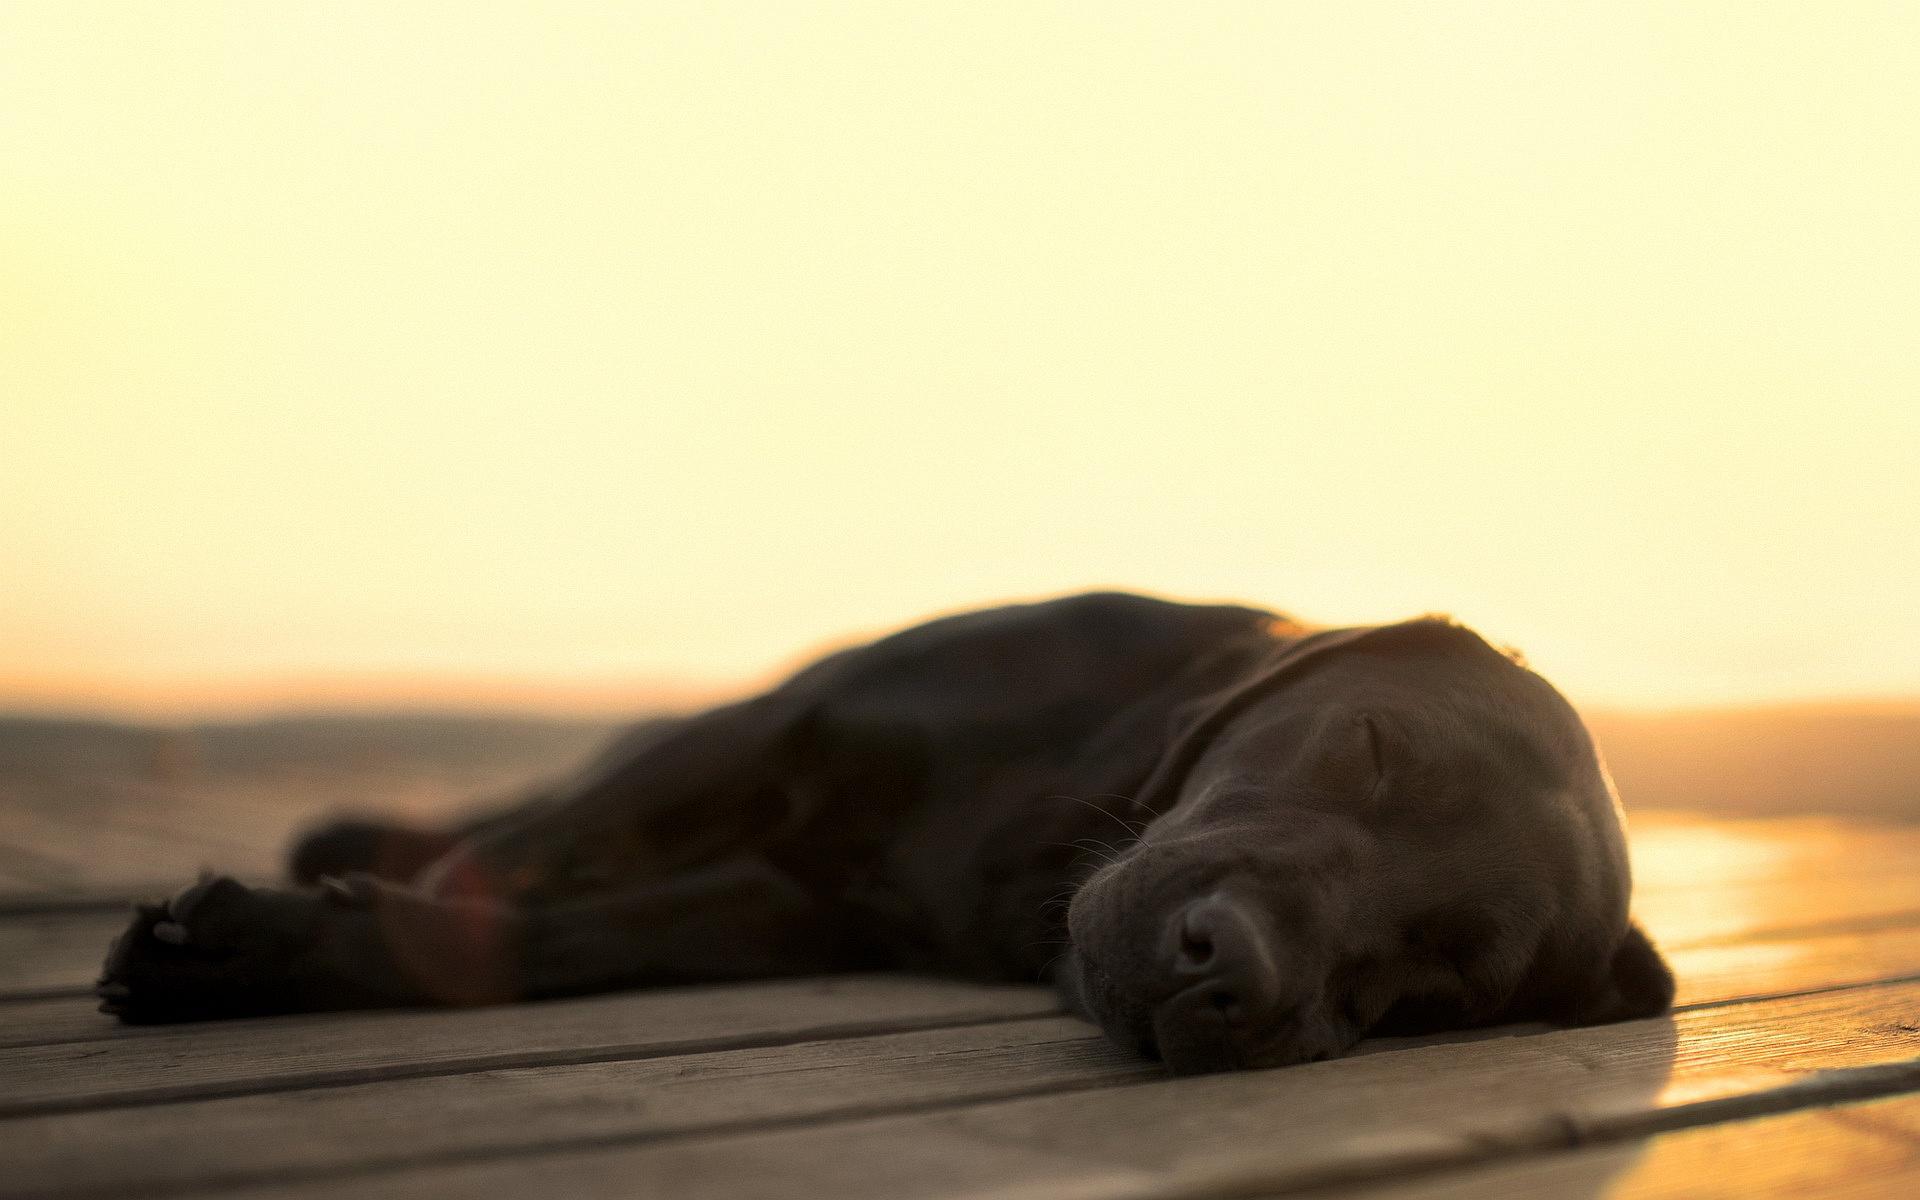 amazing sleeping dog wallpaper 40225